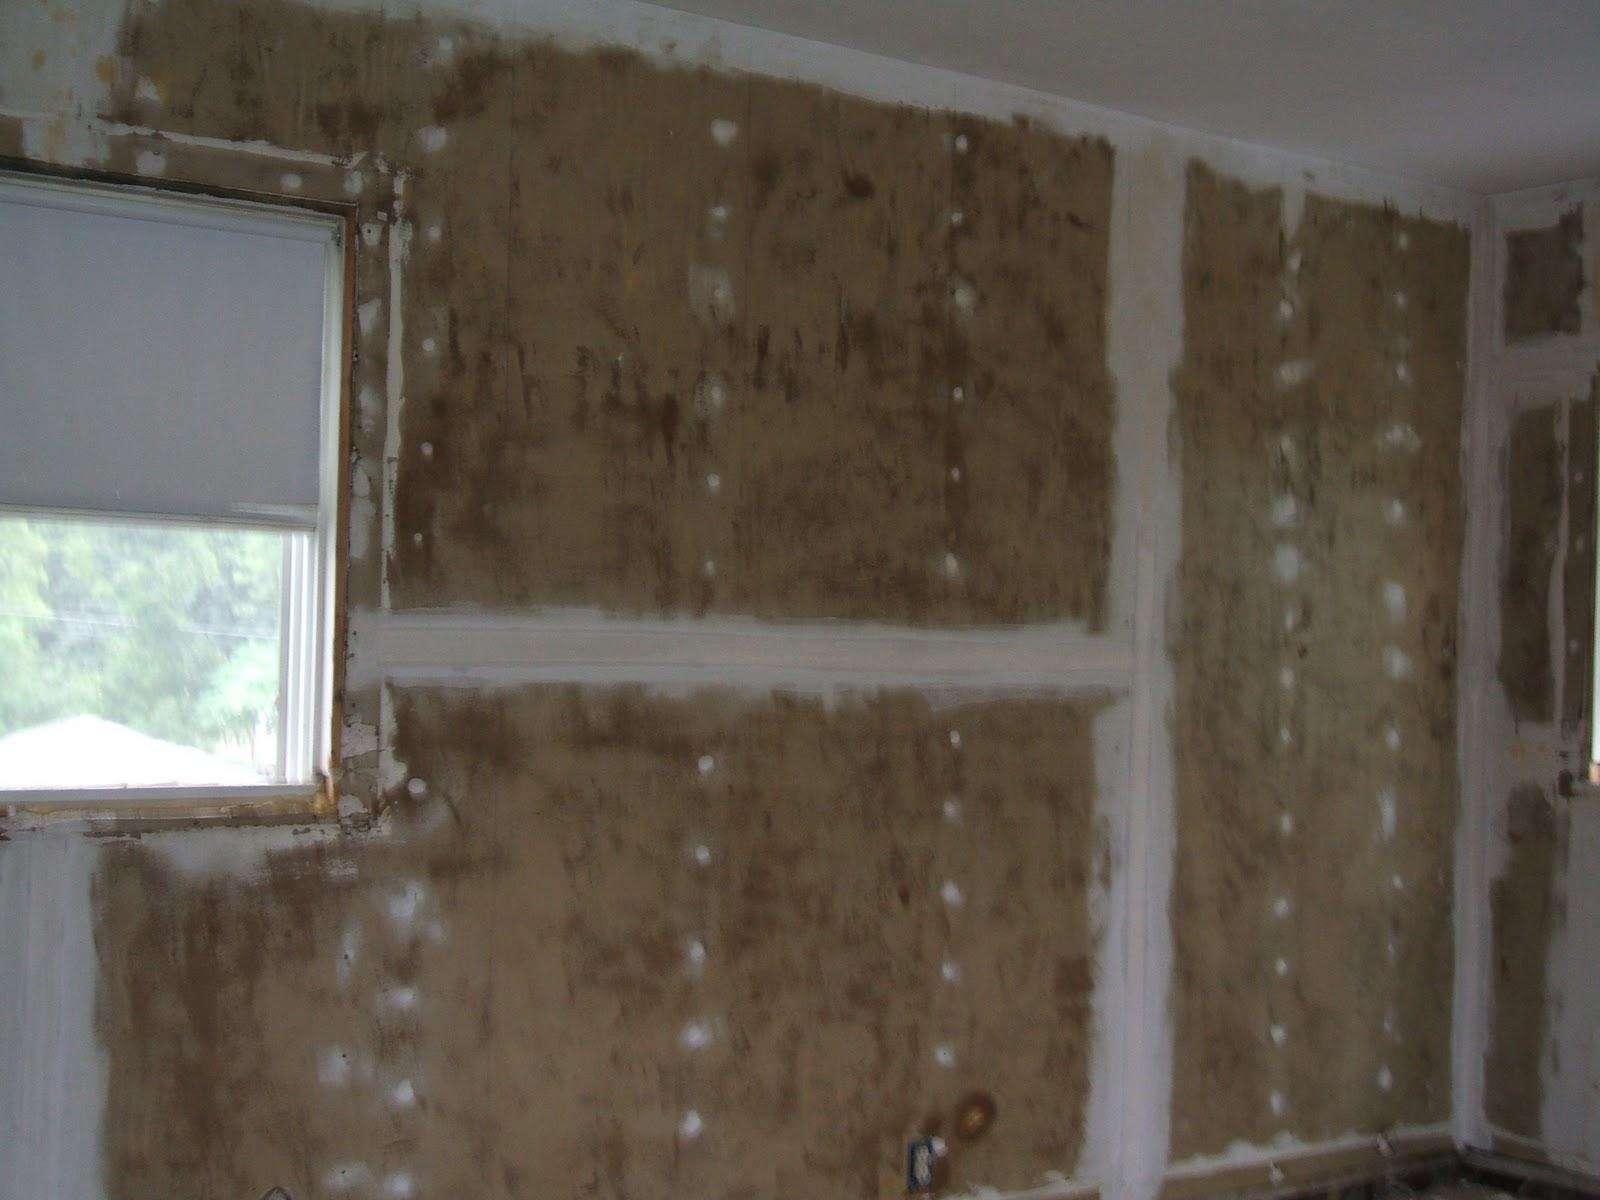 http://4.bp.blogspot.com/_kTkXC42XQPk/TMb0GLhYd7I/AAAAAAAAA6c/WFUjbBROE0w/s1600/DIY+Home+Improvemenet+-+Bedroom+Wallpaper+Fixing.JPG